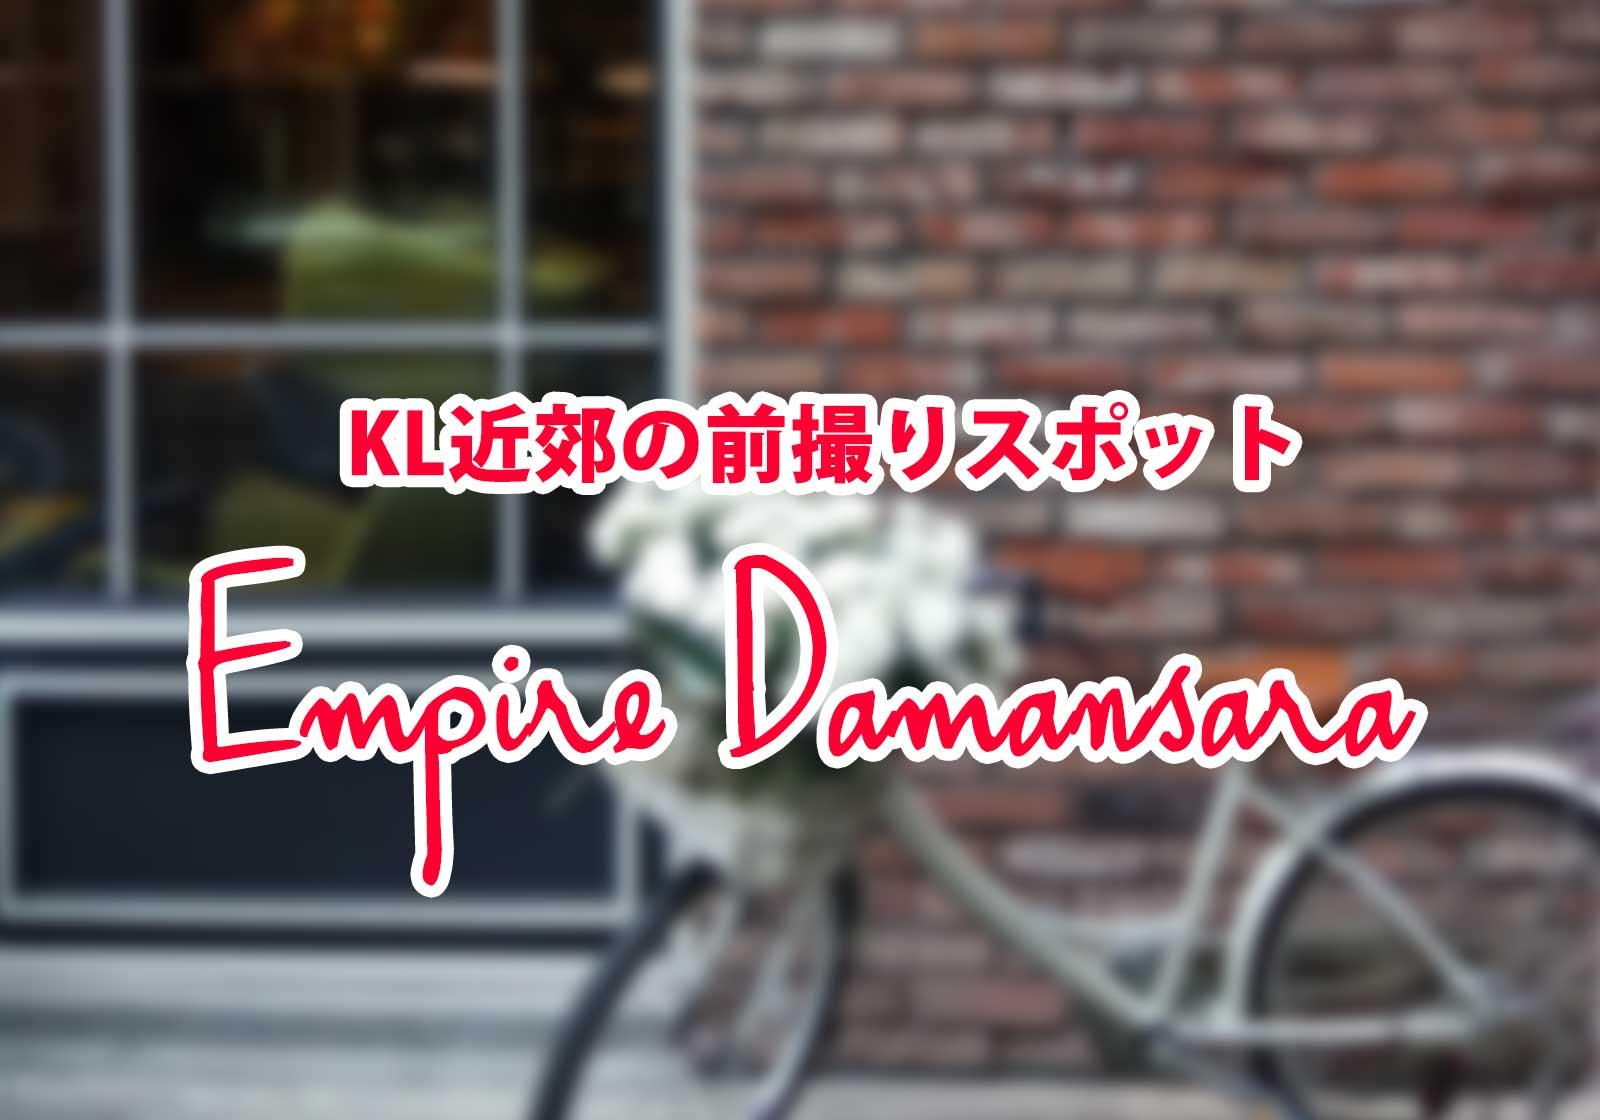 KL近郊の人気前撮りスポットEmpire Damansaraって知ってる?